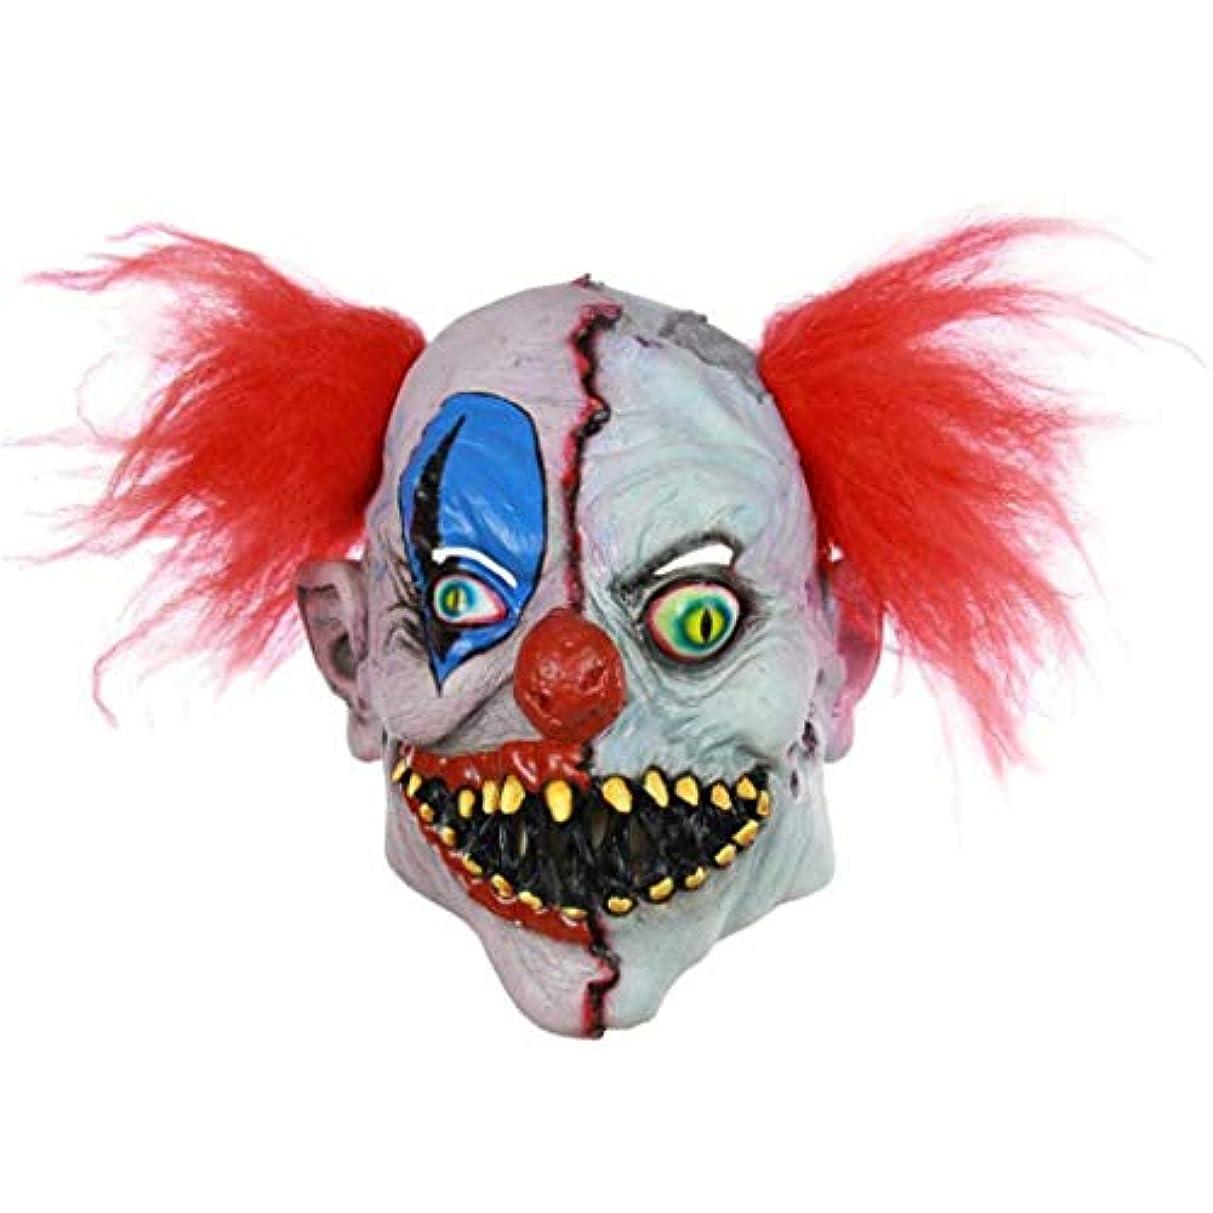 ハロウィンホラー腐った顔ピエロラテックスゴーストマスクしかめっ面マスクパーティーマスク映画小道具仮面舞踏会マスク